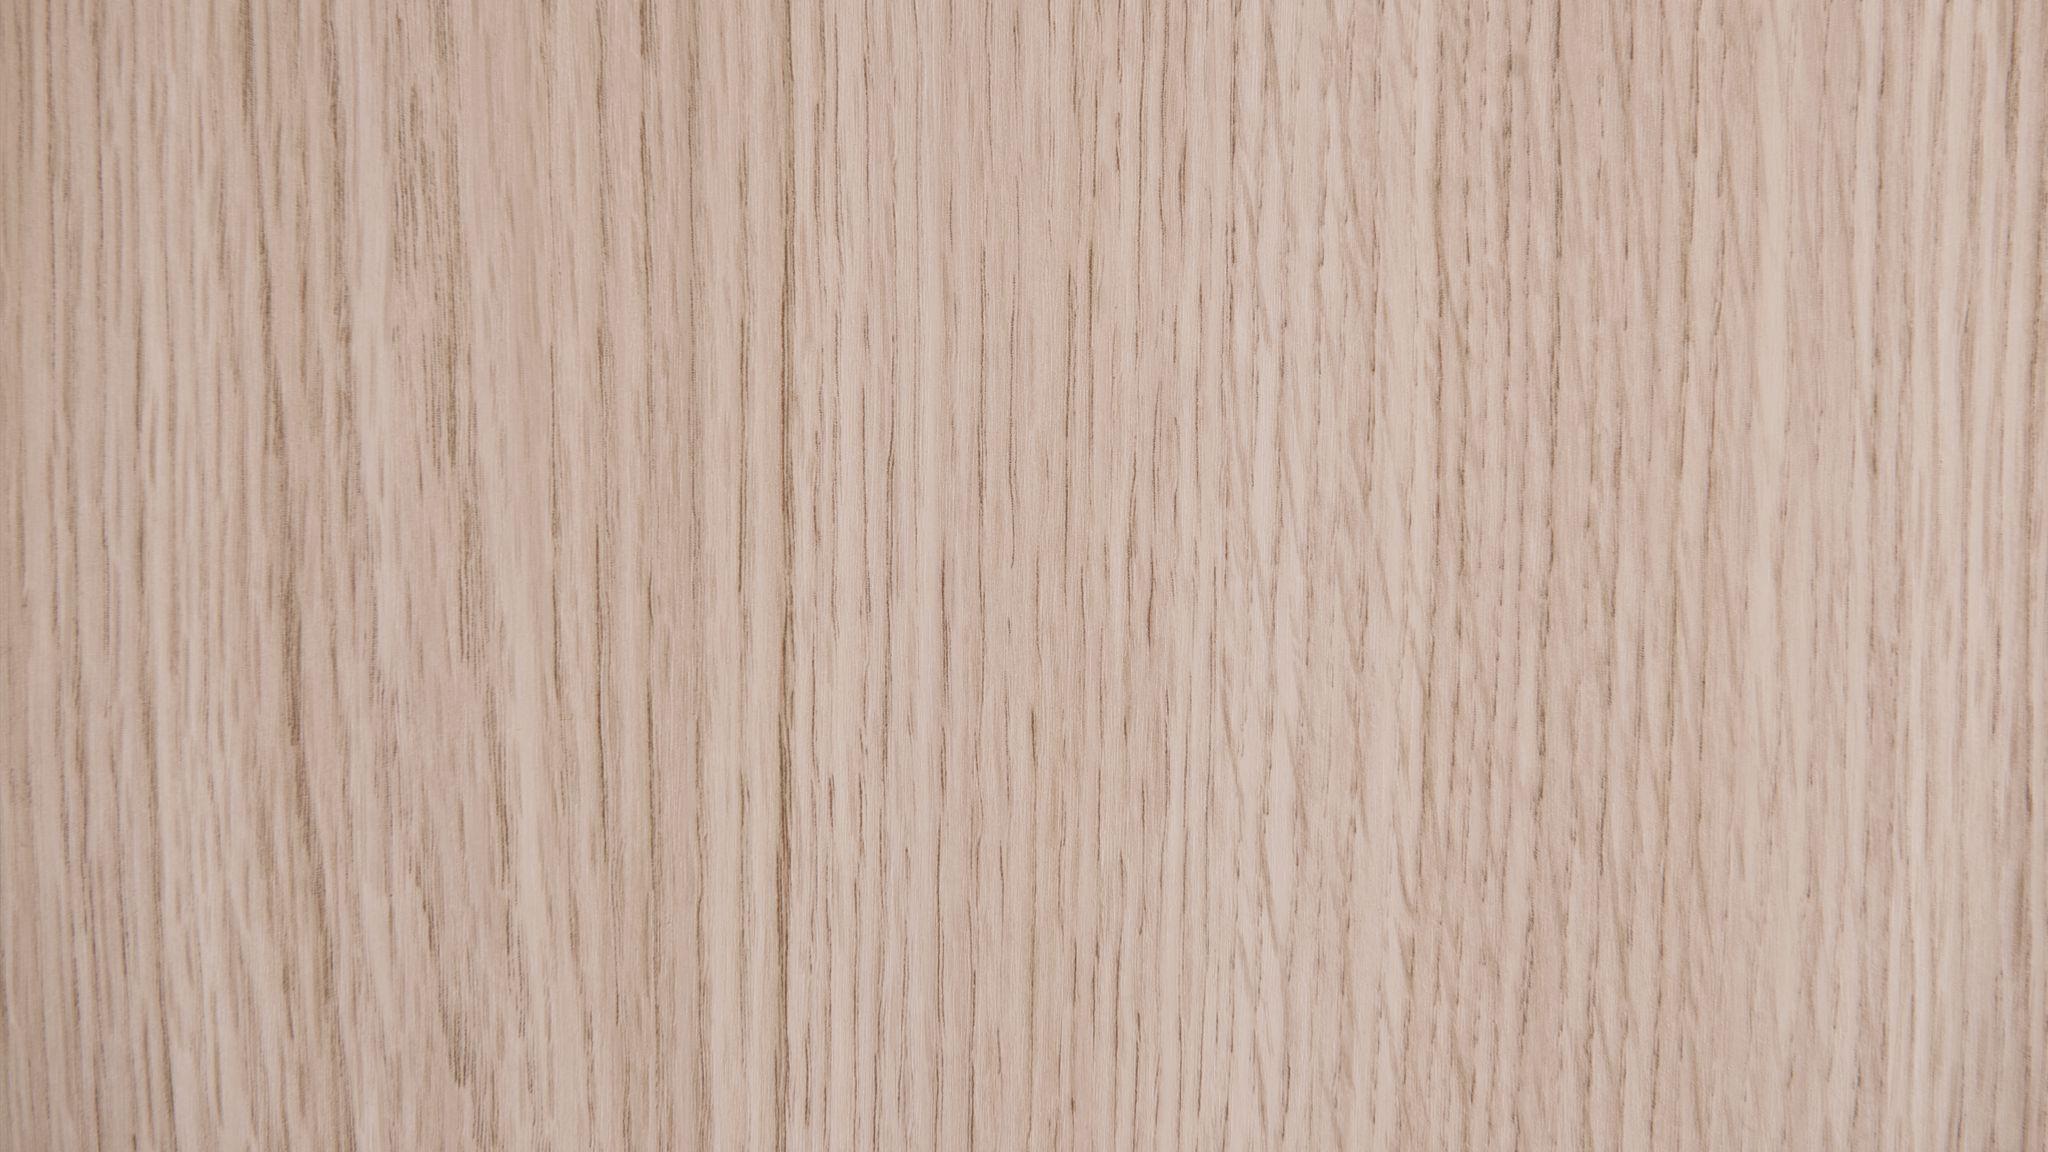 NIESMANN+BISCHOFF - Smove - Kratzfeste 3D Folie in Holzoptik